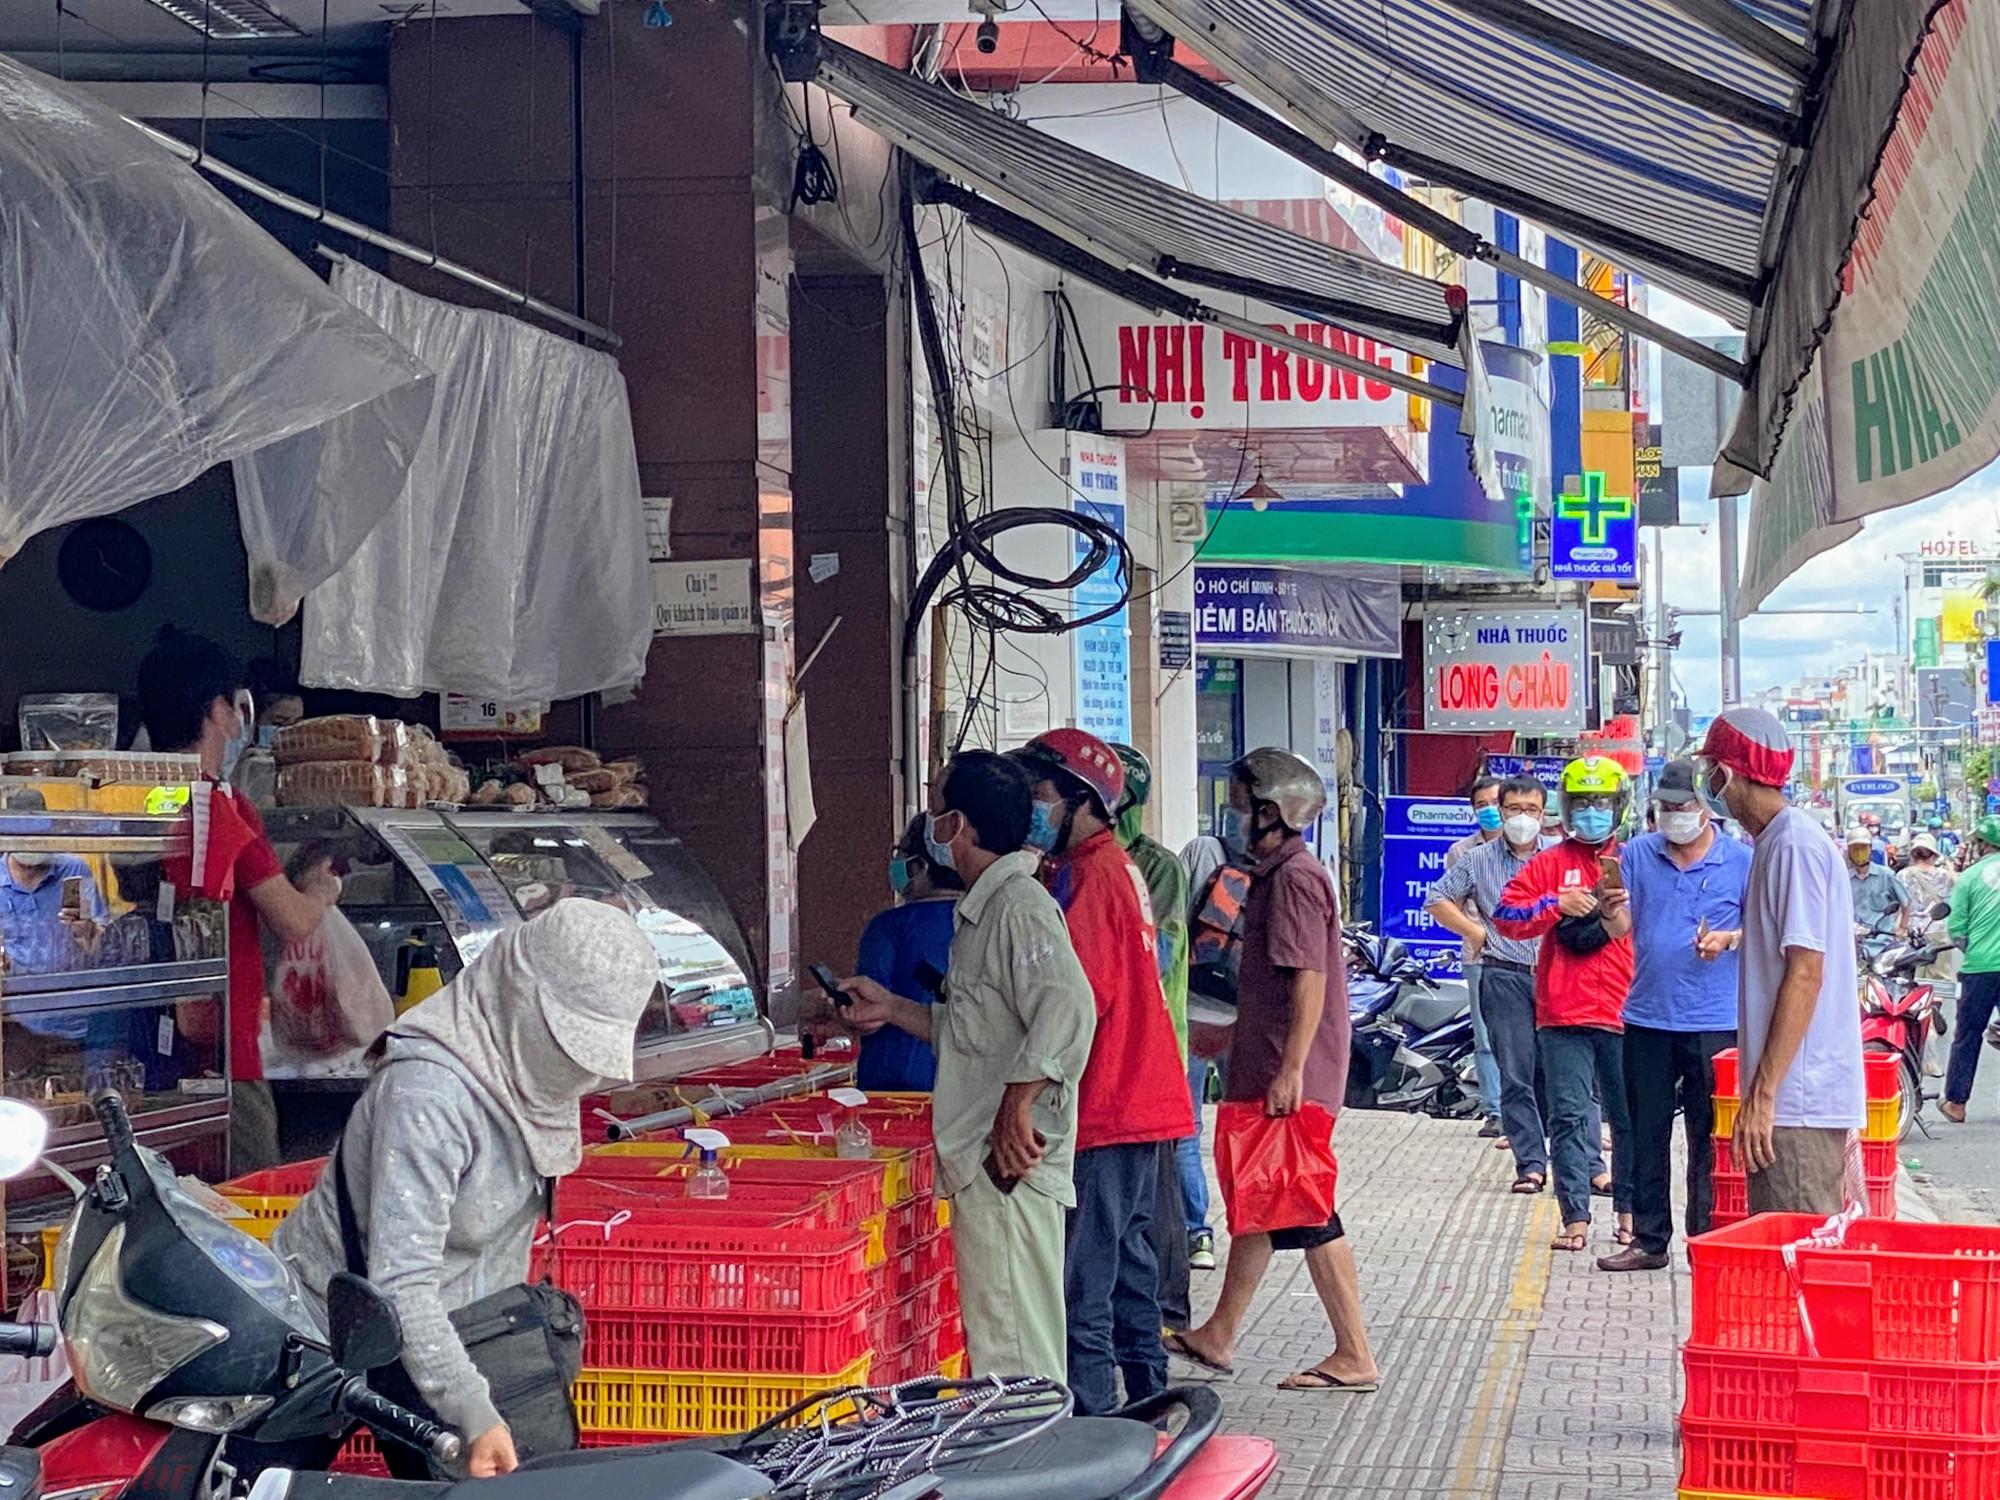 Một cửa hàng bánh ngọt trên đường Hai Bà Trung (quận 1) ông nghịt khách. ngoài shipper vẫn có khách lẻ mua bánh, do số lượng khách đến mua đông, theo quan sát của phóng viên có cả lực lượng công an khu vực đến để nhắc nhỡ, hướng dẫn khách giữ khoảng cách, xếp hàng khi mua bánh.